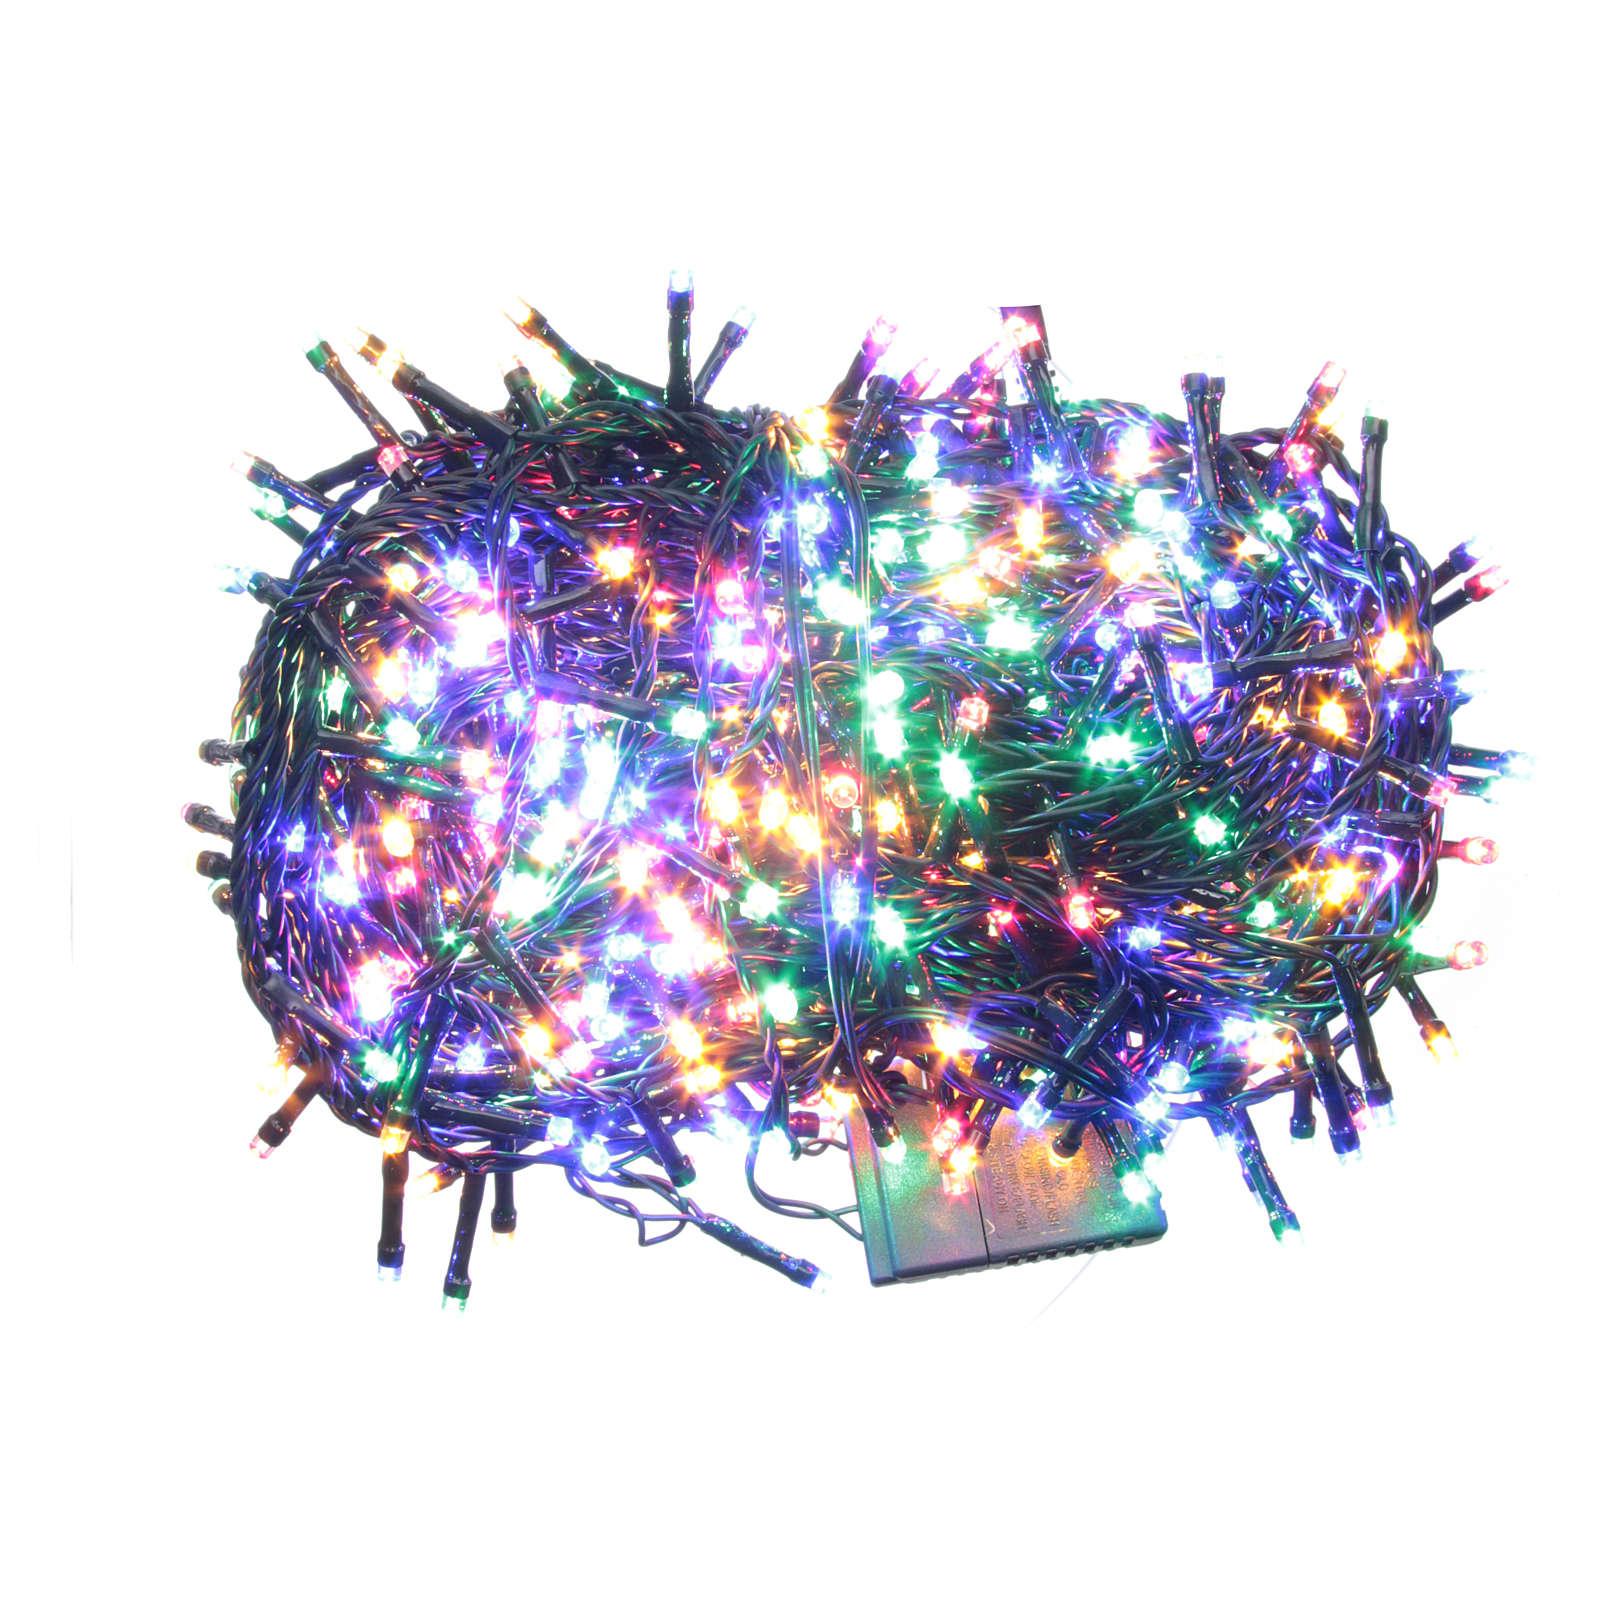 Éclairage Noël chaîne 1000 LEDS multicolores EXTÉRIEUR programmable 3